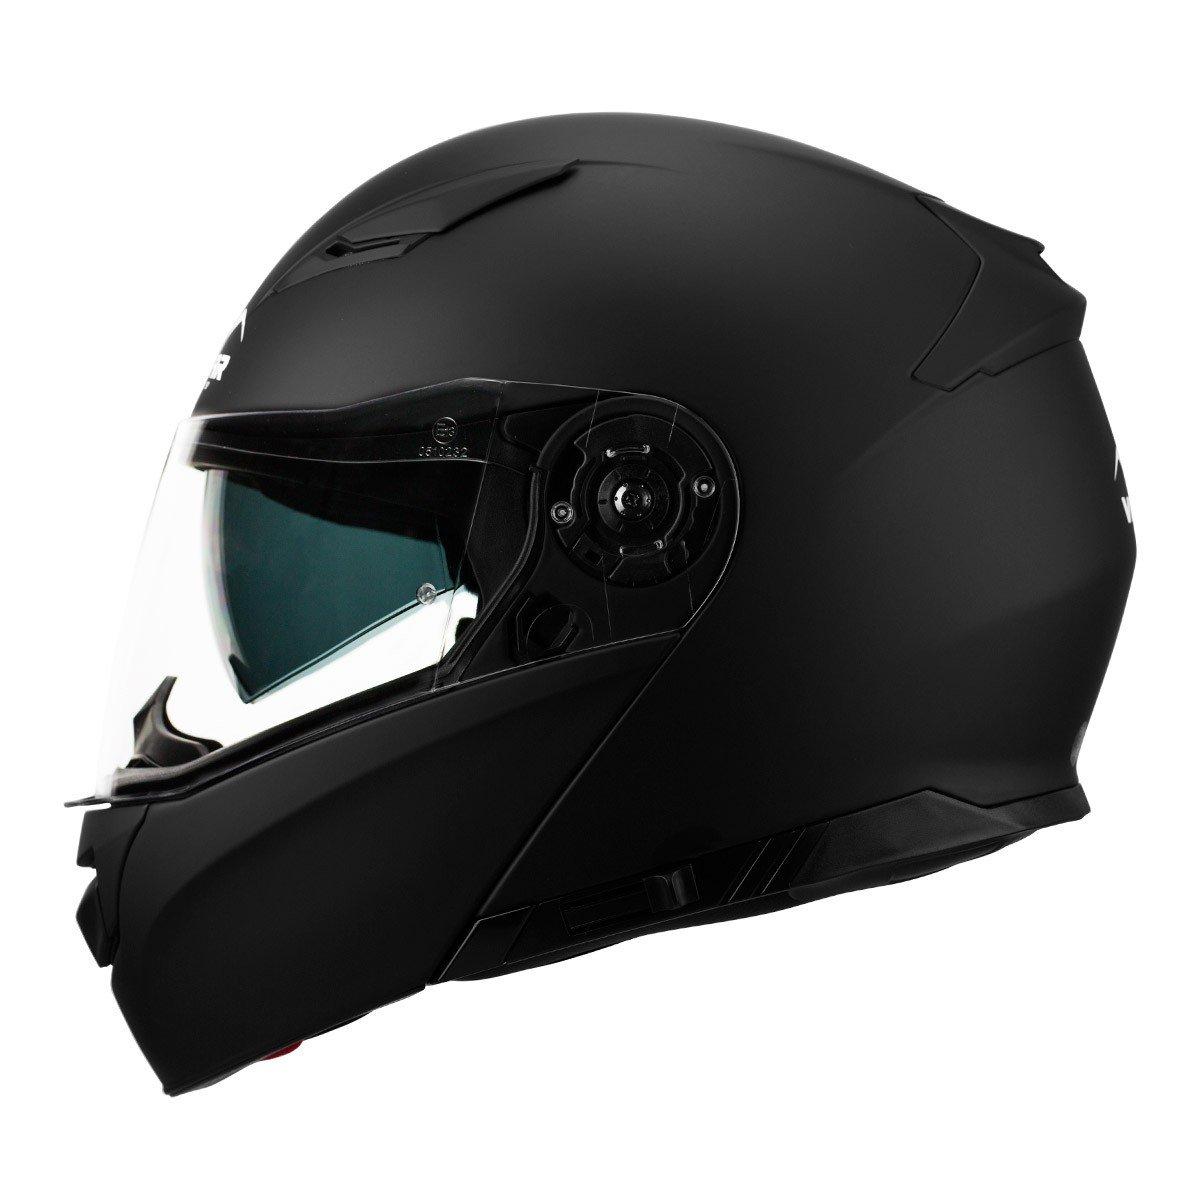 Výklopná motocyklová přilba VEMAR Nashi (matně černá) XXL (63/64)